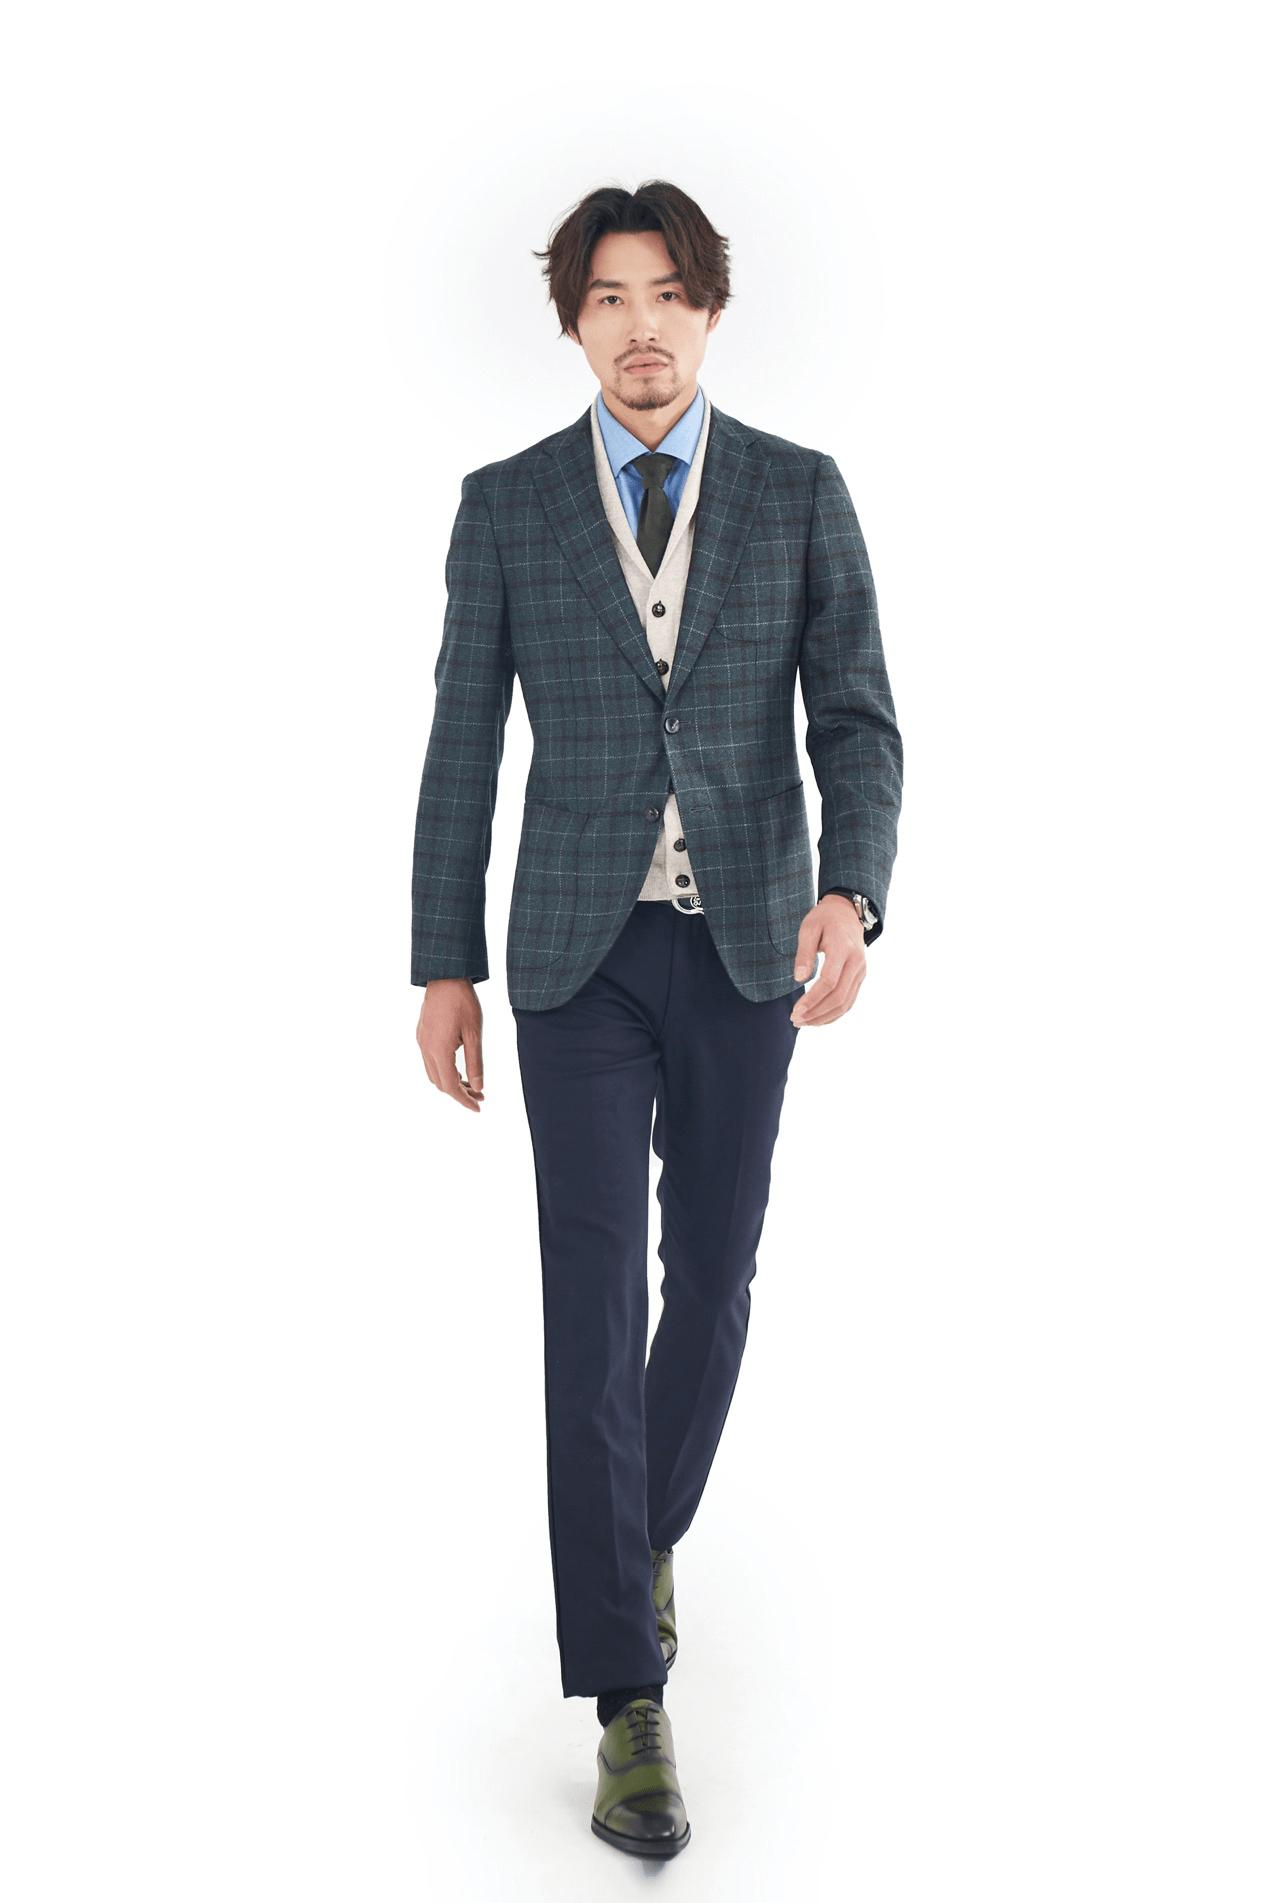 欧度男装推出西装选择攻略,专业搭配穿出你的国际品味